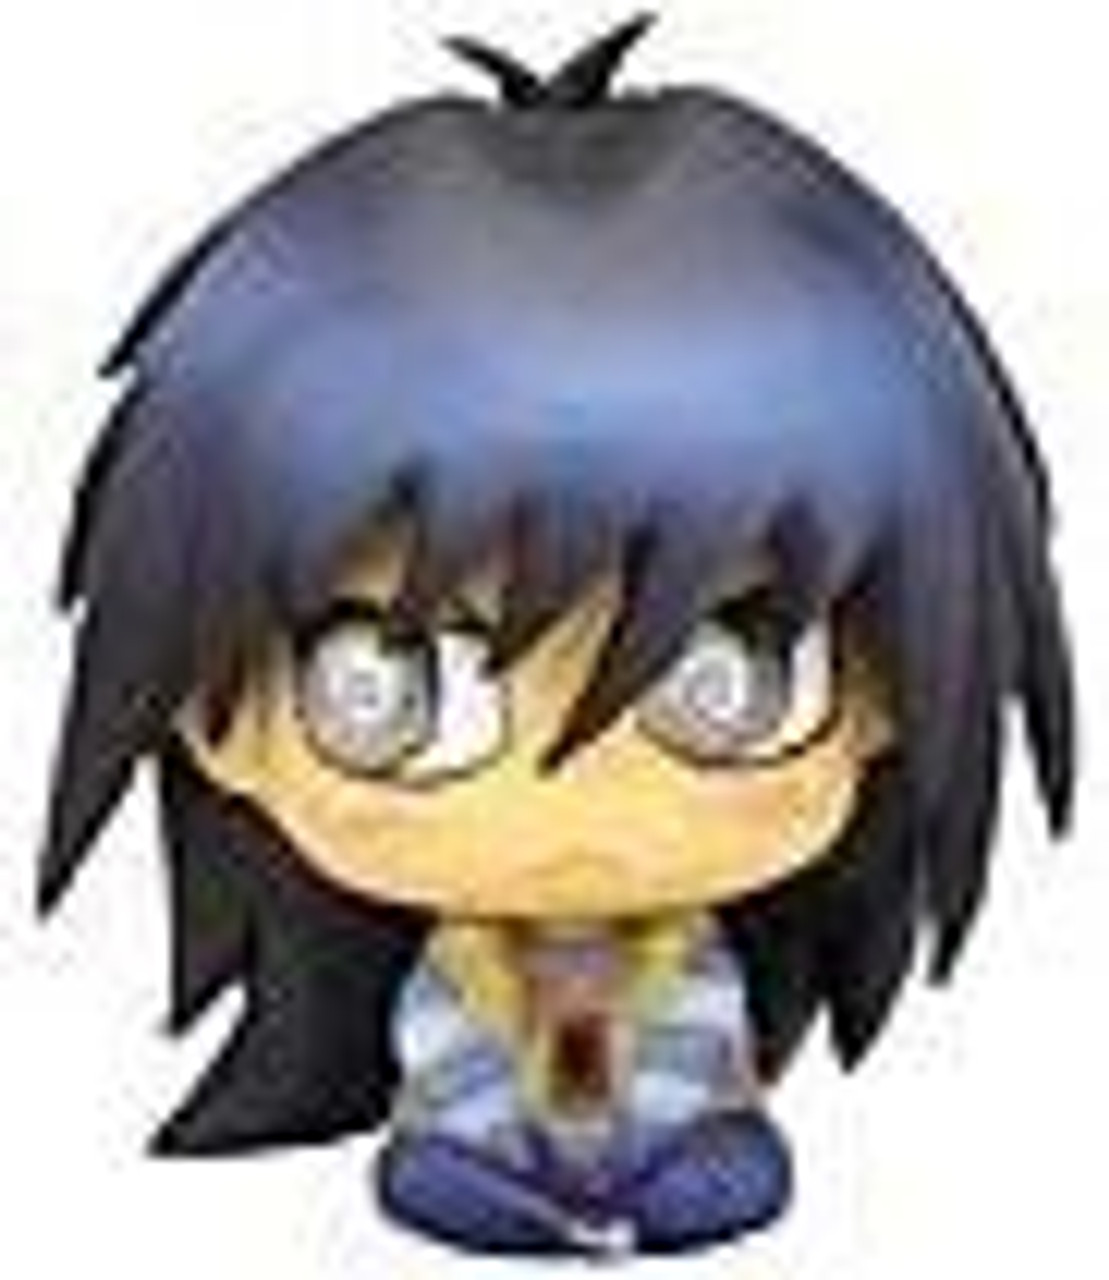 YuGiOh One Coin Series 1 Mokuba Kaiba Mini Figure